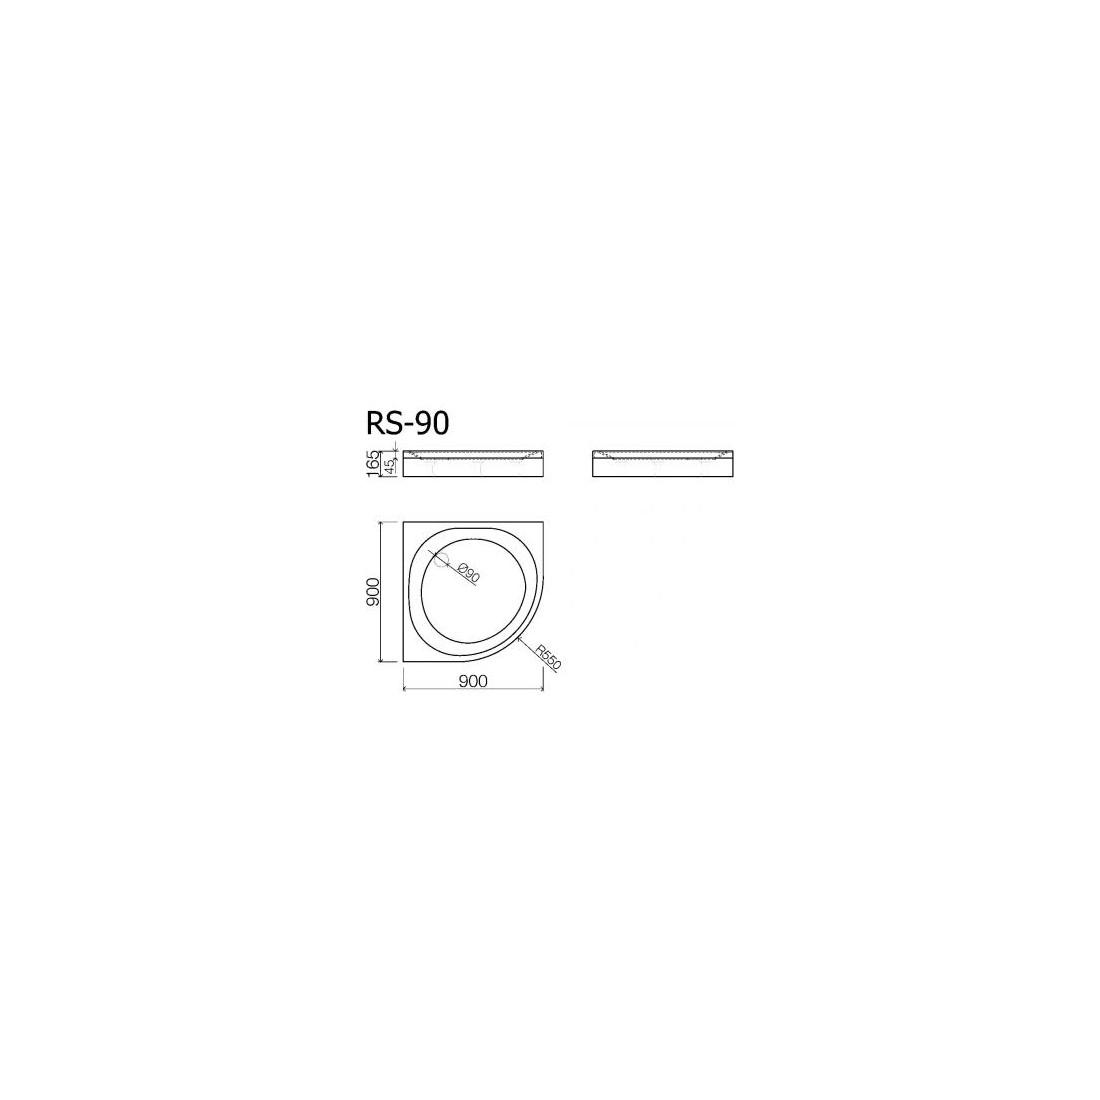 Akmens masės pusapvalis dušo padėklas VISPOOL RS-90 (r550)